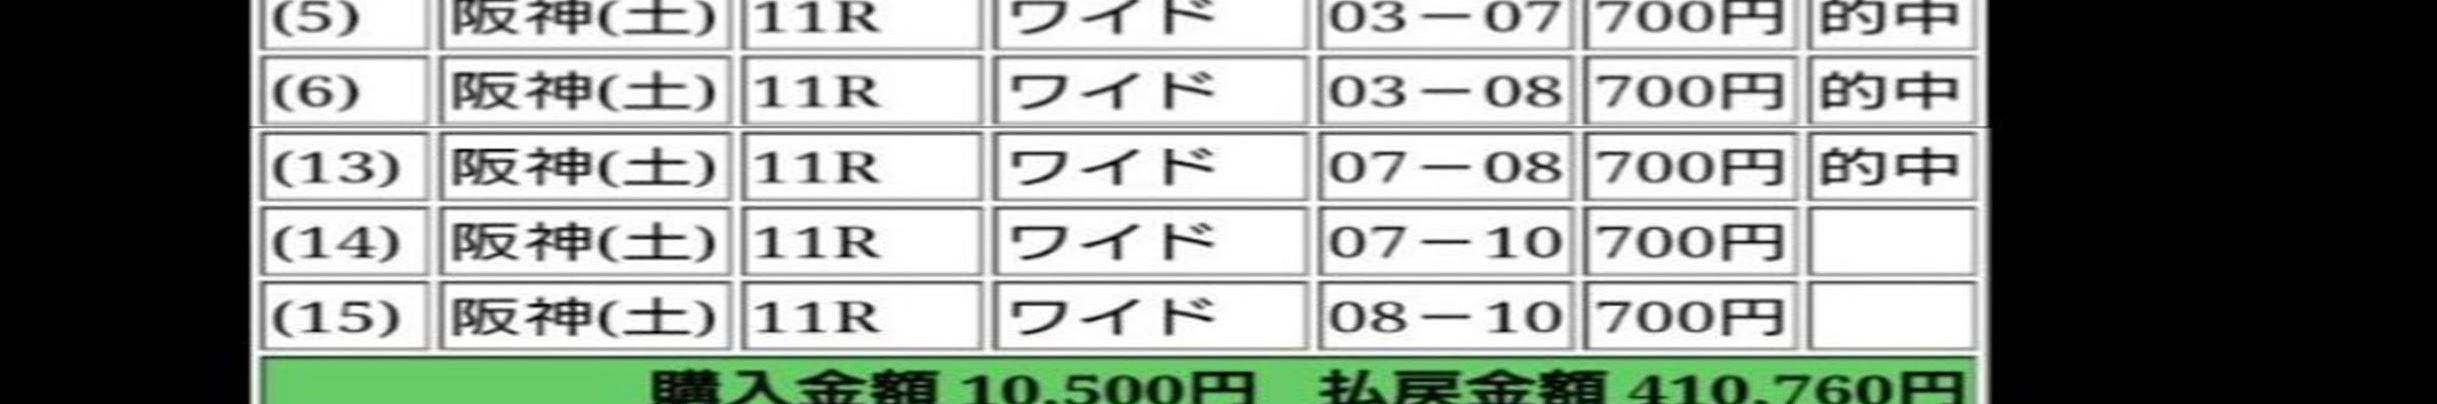 競馬 ライブ 佐賀